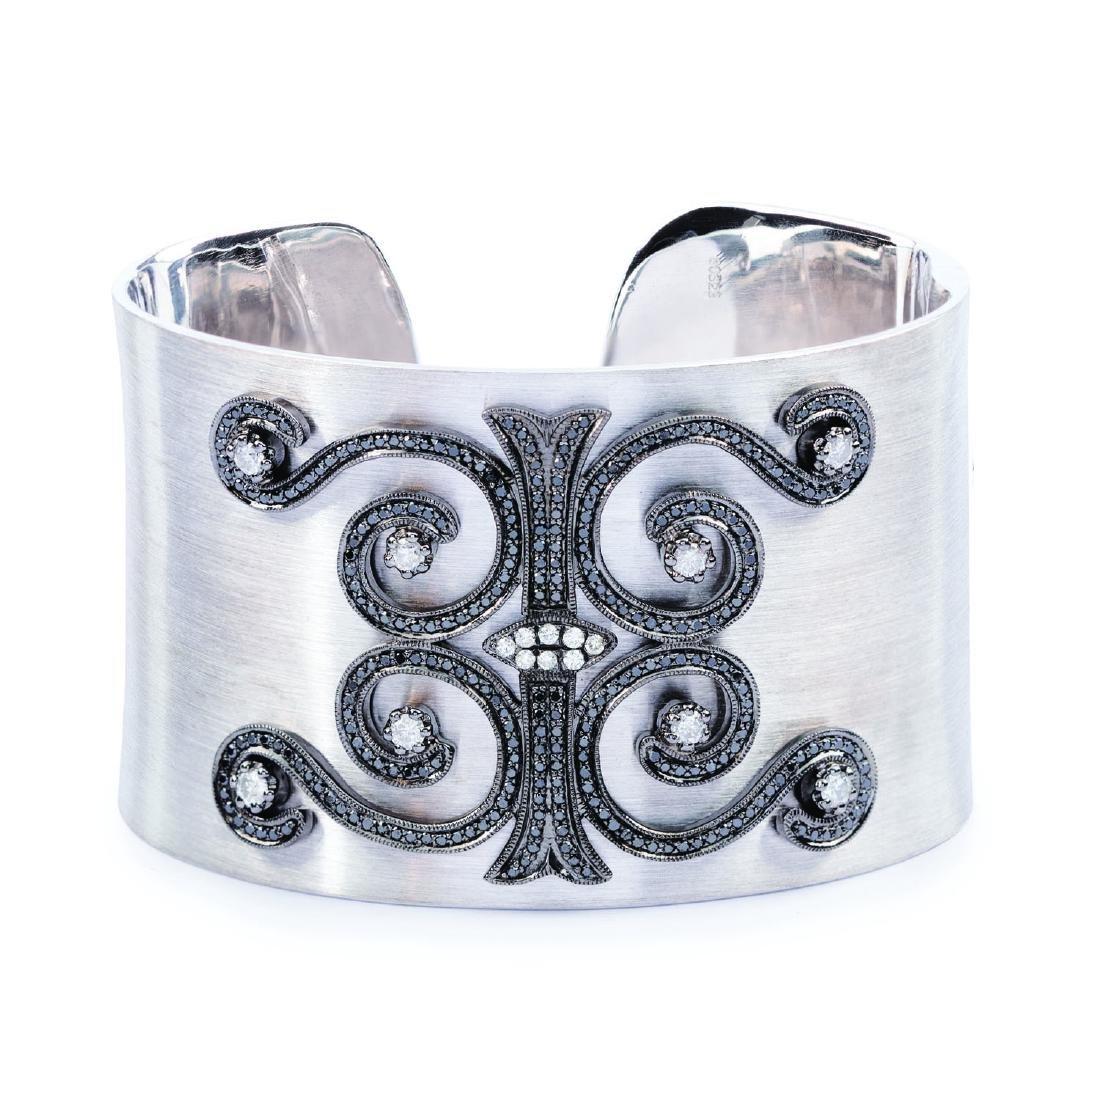 A black and white diamond arabesque cuff